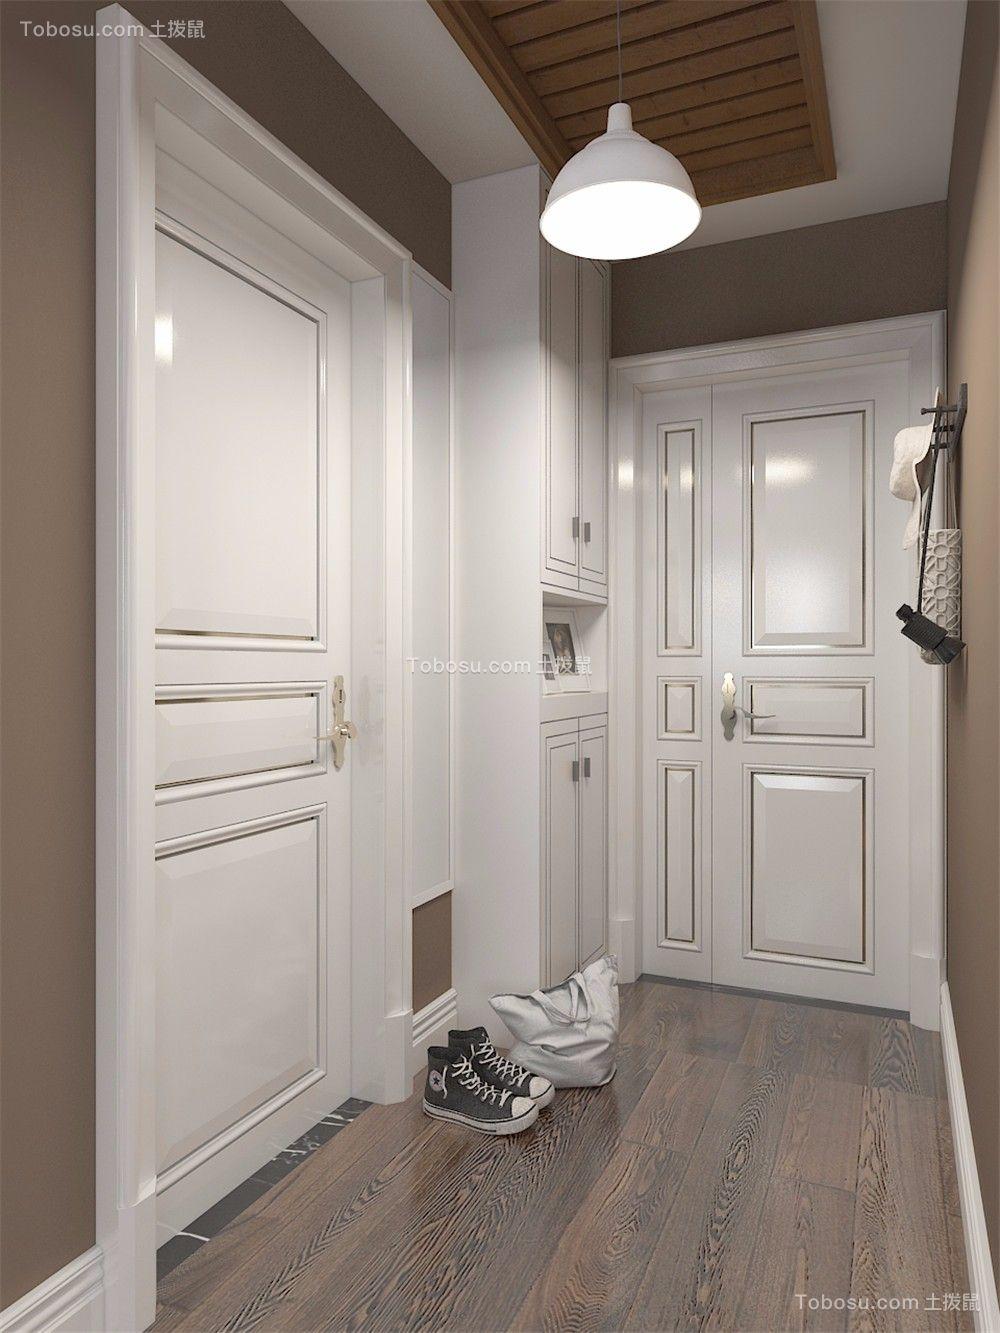 简洁玄关走廊家装设计图